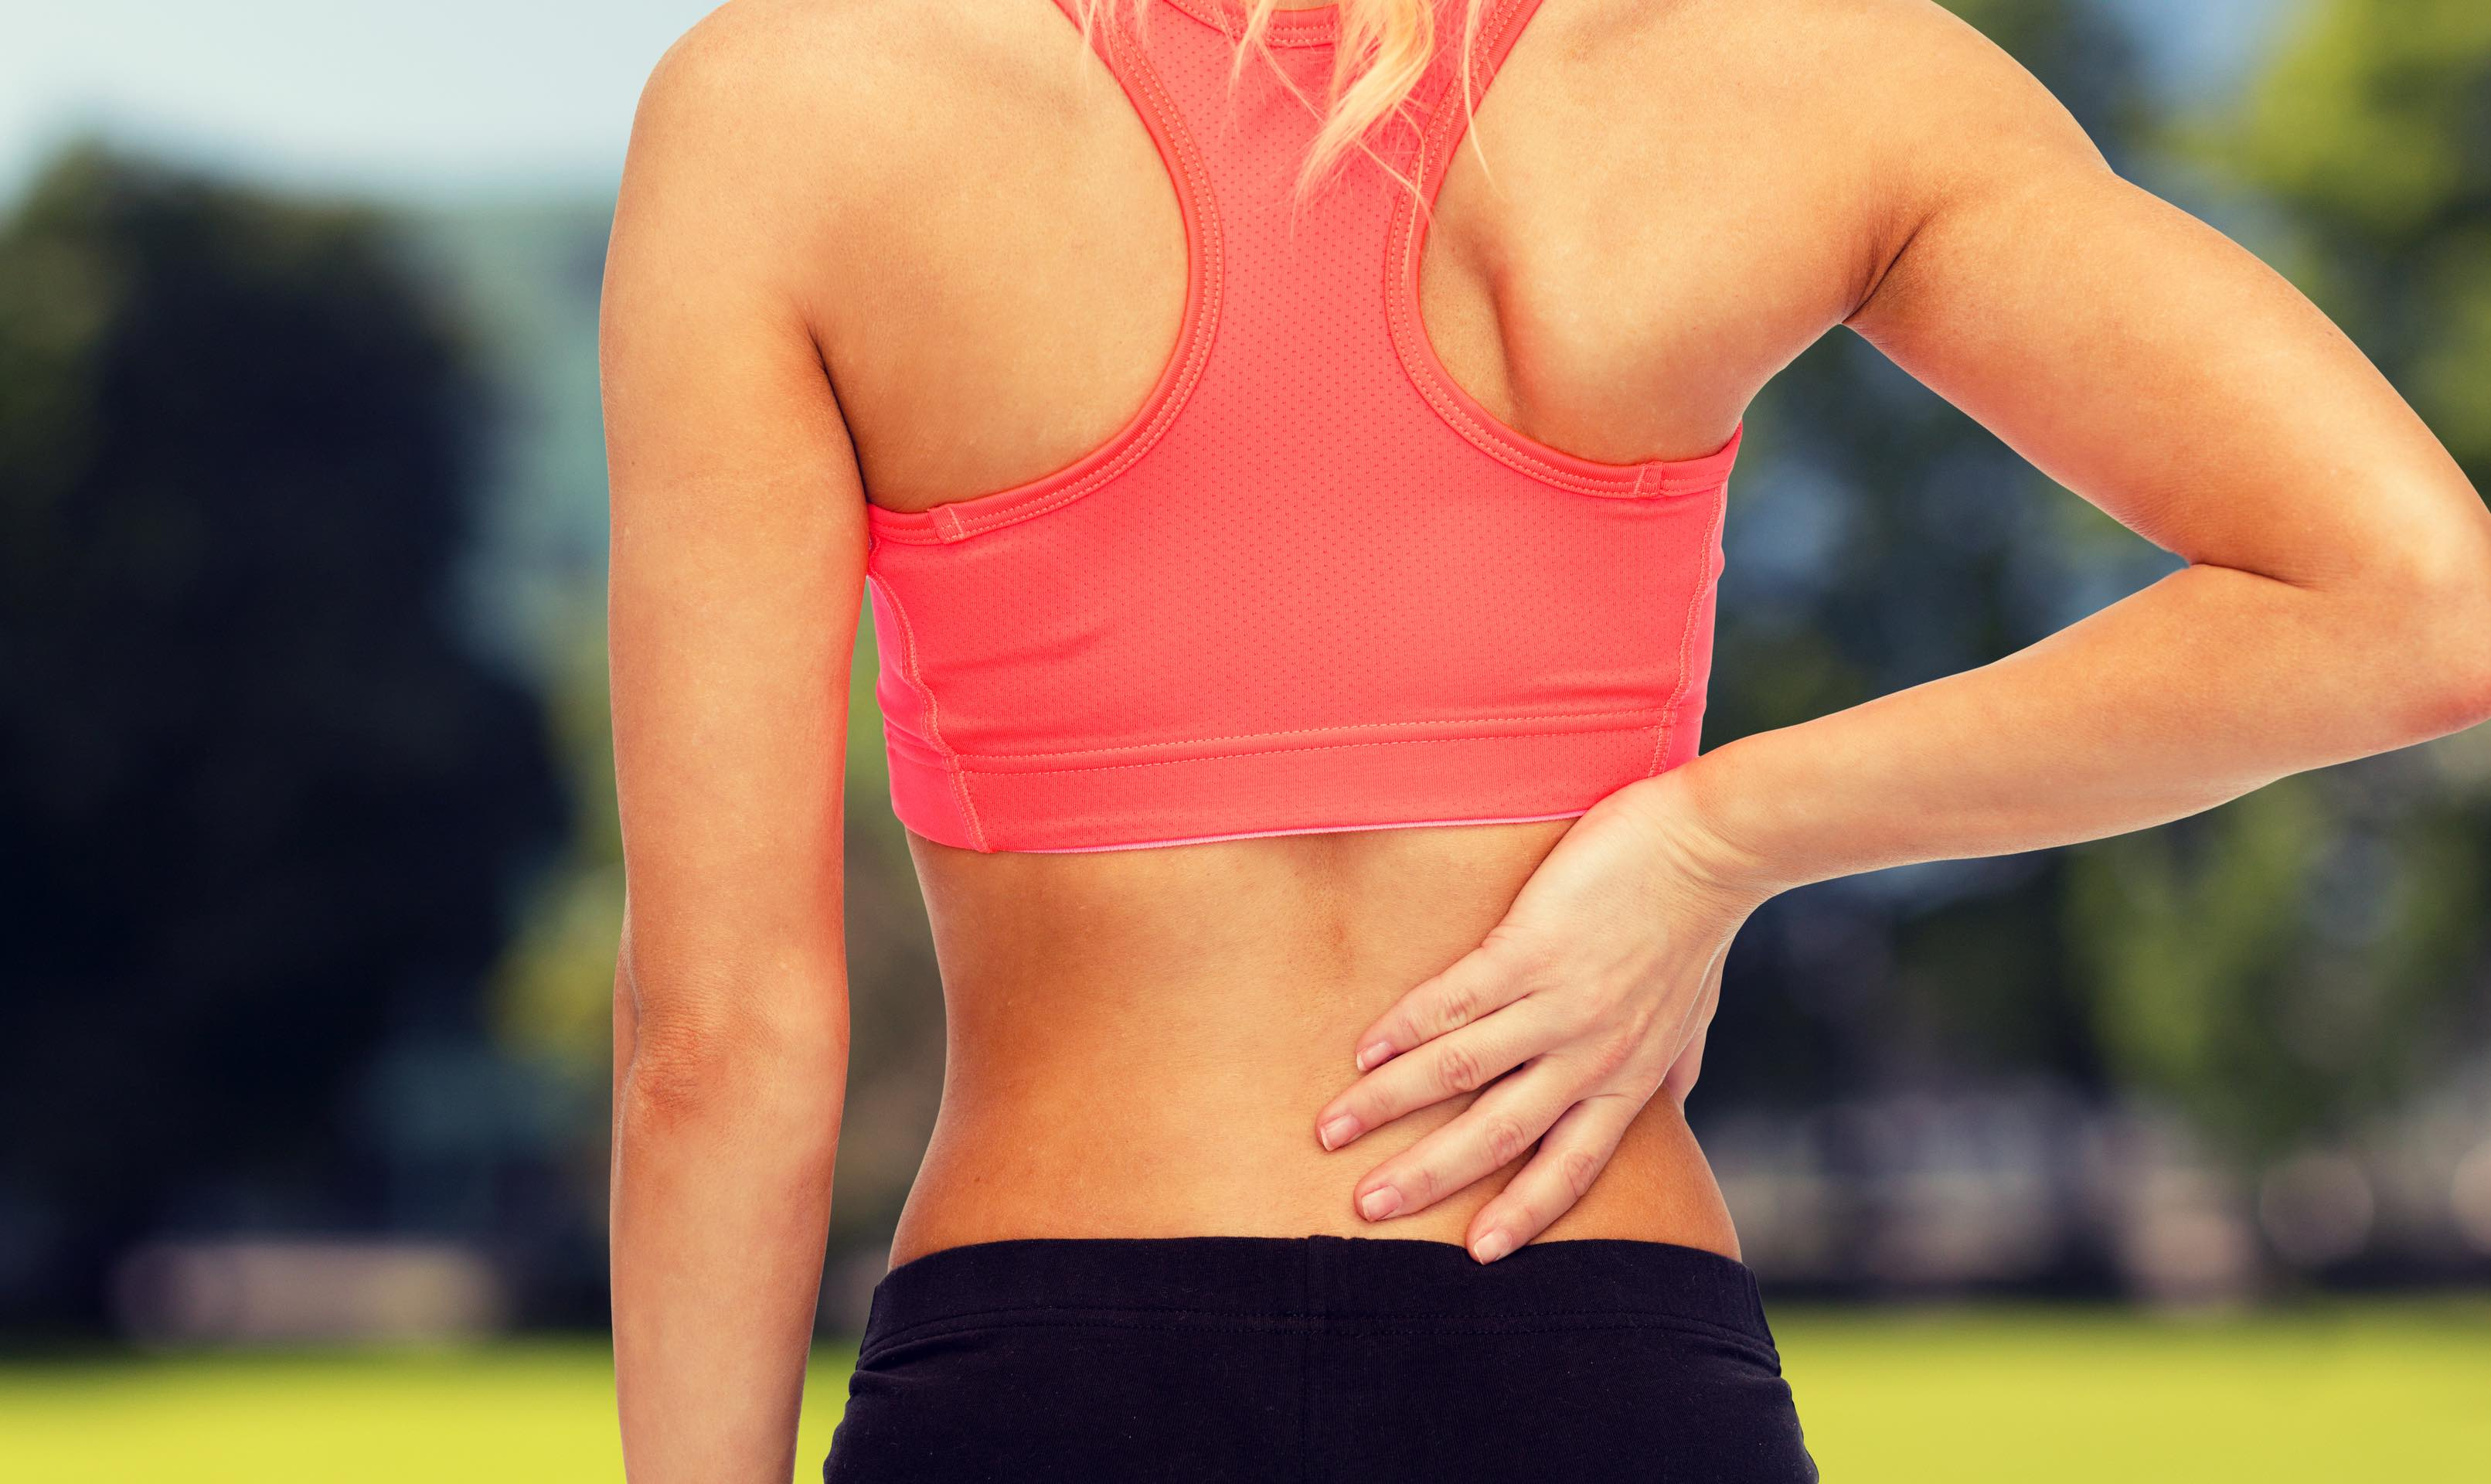 Beinkrafttraining schützt vor Rückenschmerzen